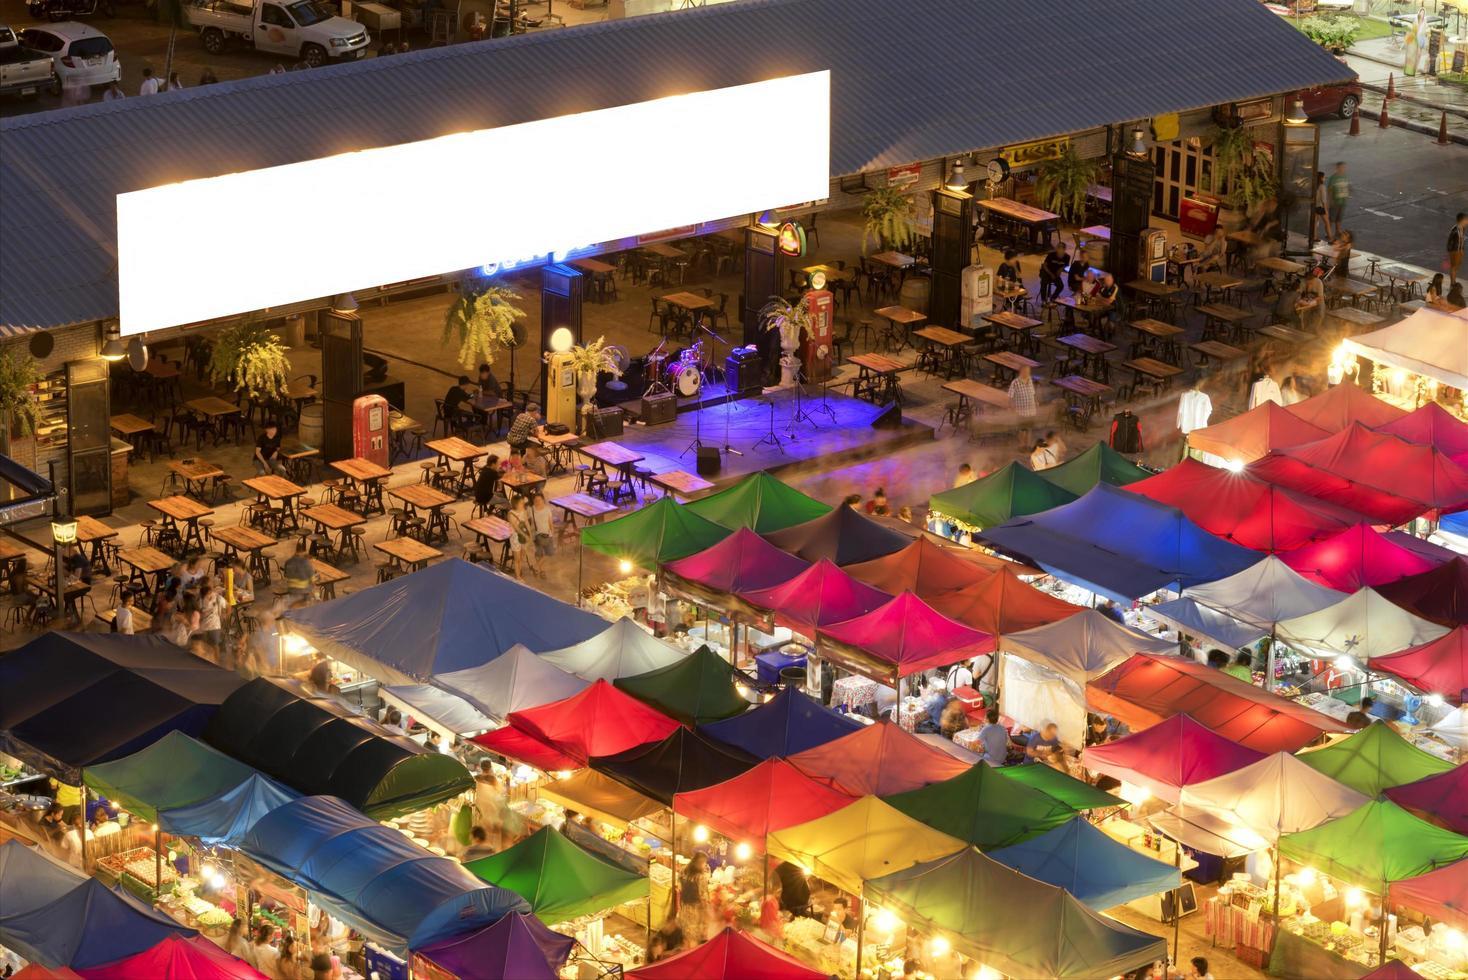 färgglada tält och bar på Ratchada nattmarknad foto